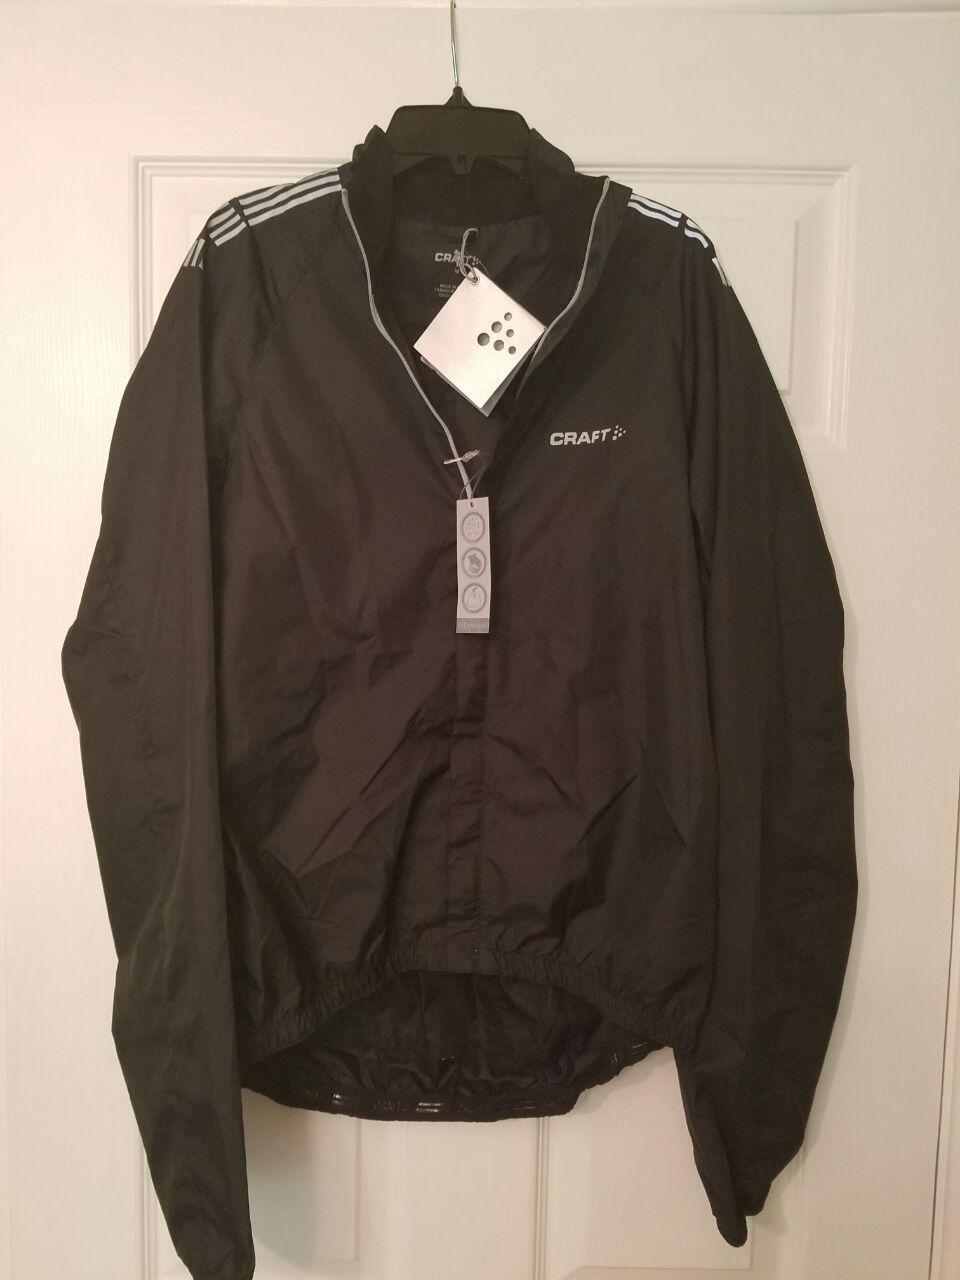 Nuevo Con Etiquetas artesanías  una chaqueta de viento para hombre B estilo 1902014 Color Negro Talla M  precio al por mayor